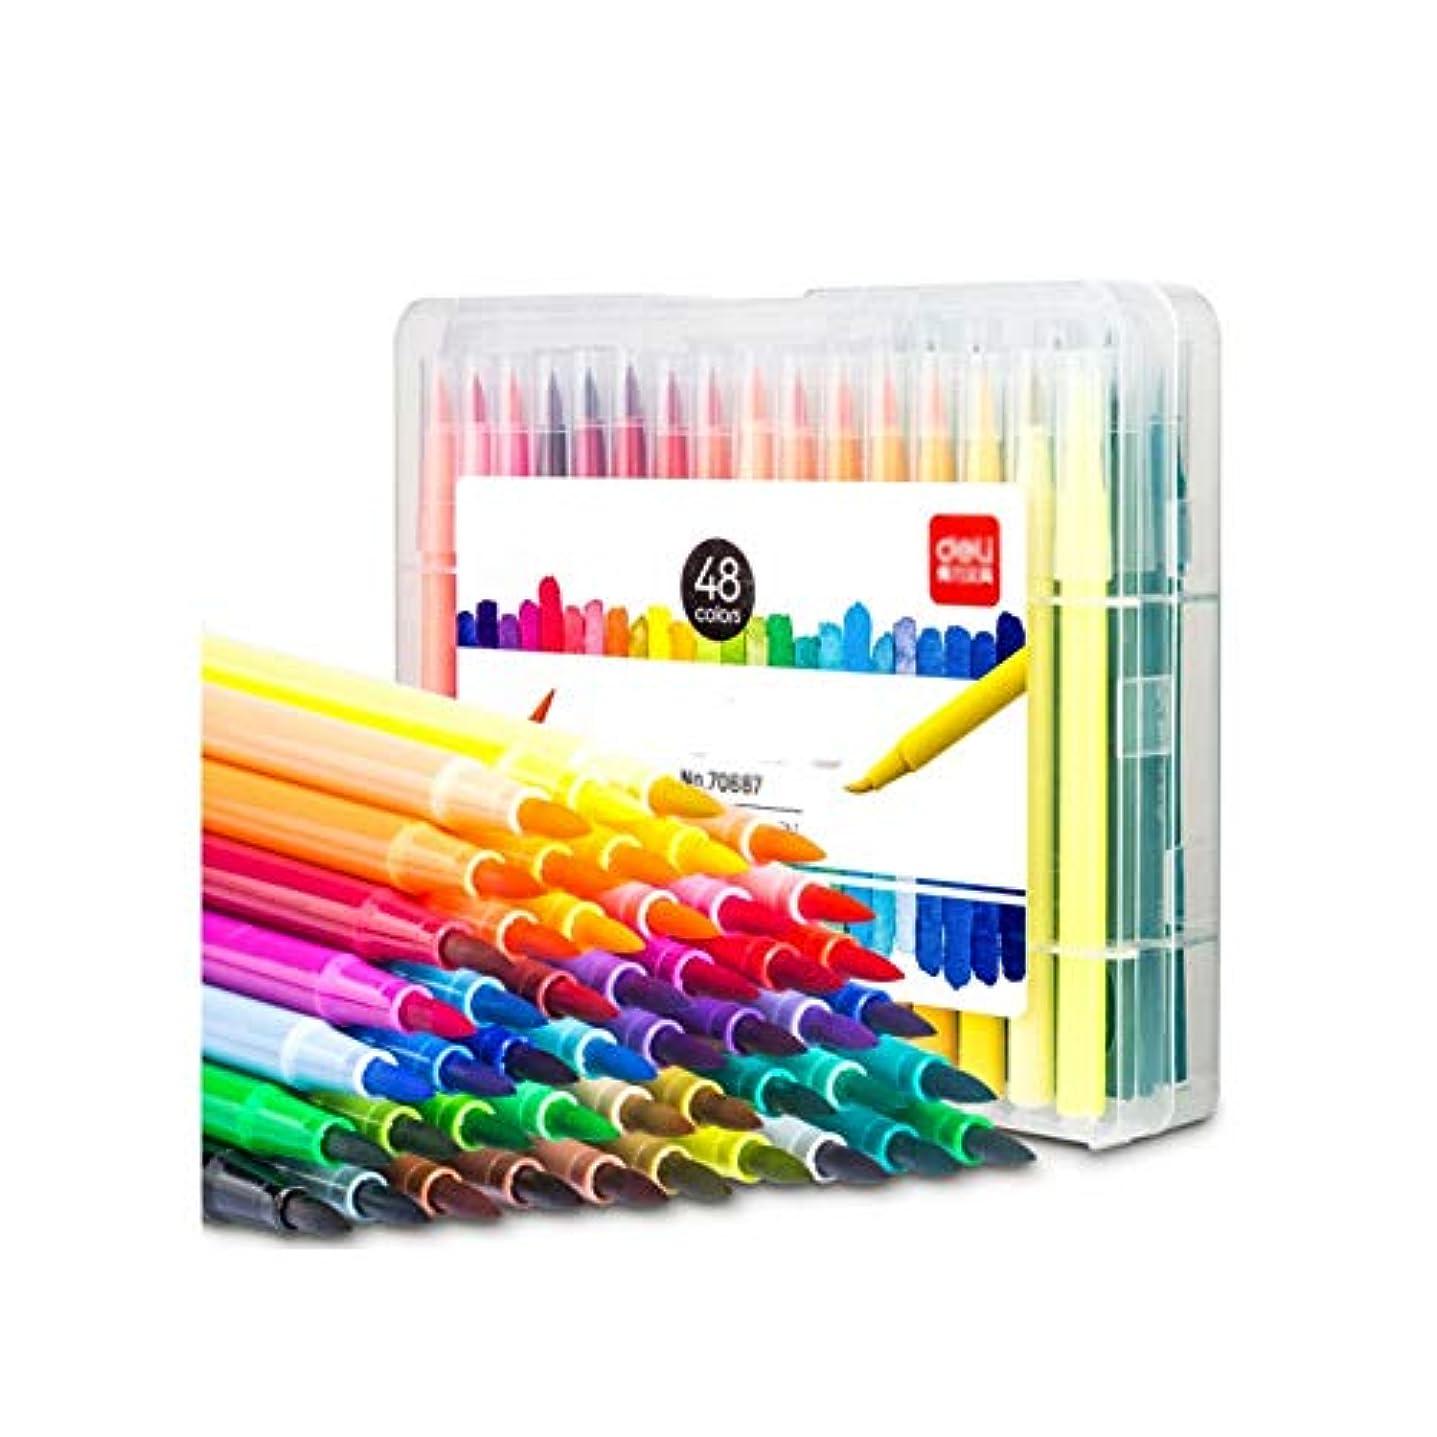 揃えるアジア人したいペイントブラシ、快適な学生ソフトペン水彩ブラシ、絵画/練習用の先の尖ったブラシ多機能ブラシ(36色、48色) (Color : 48 colors)